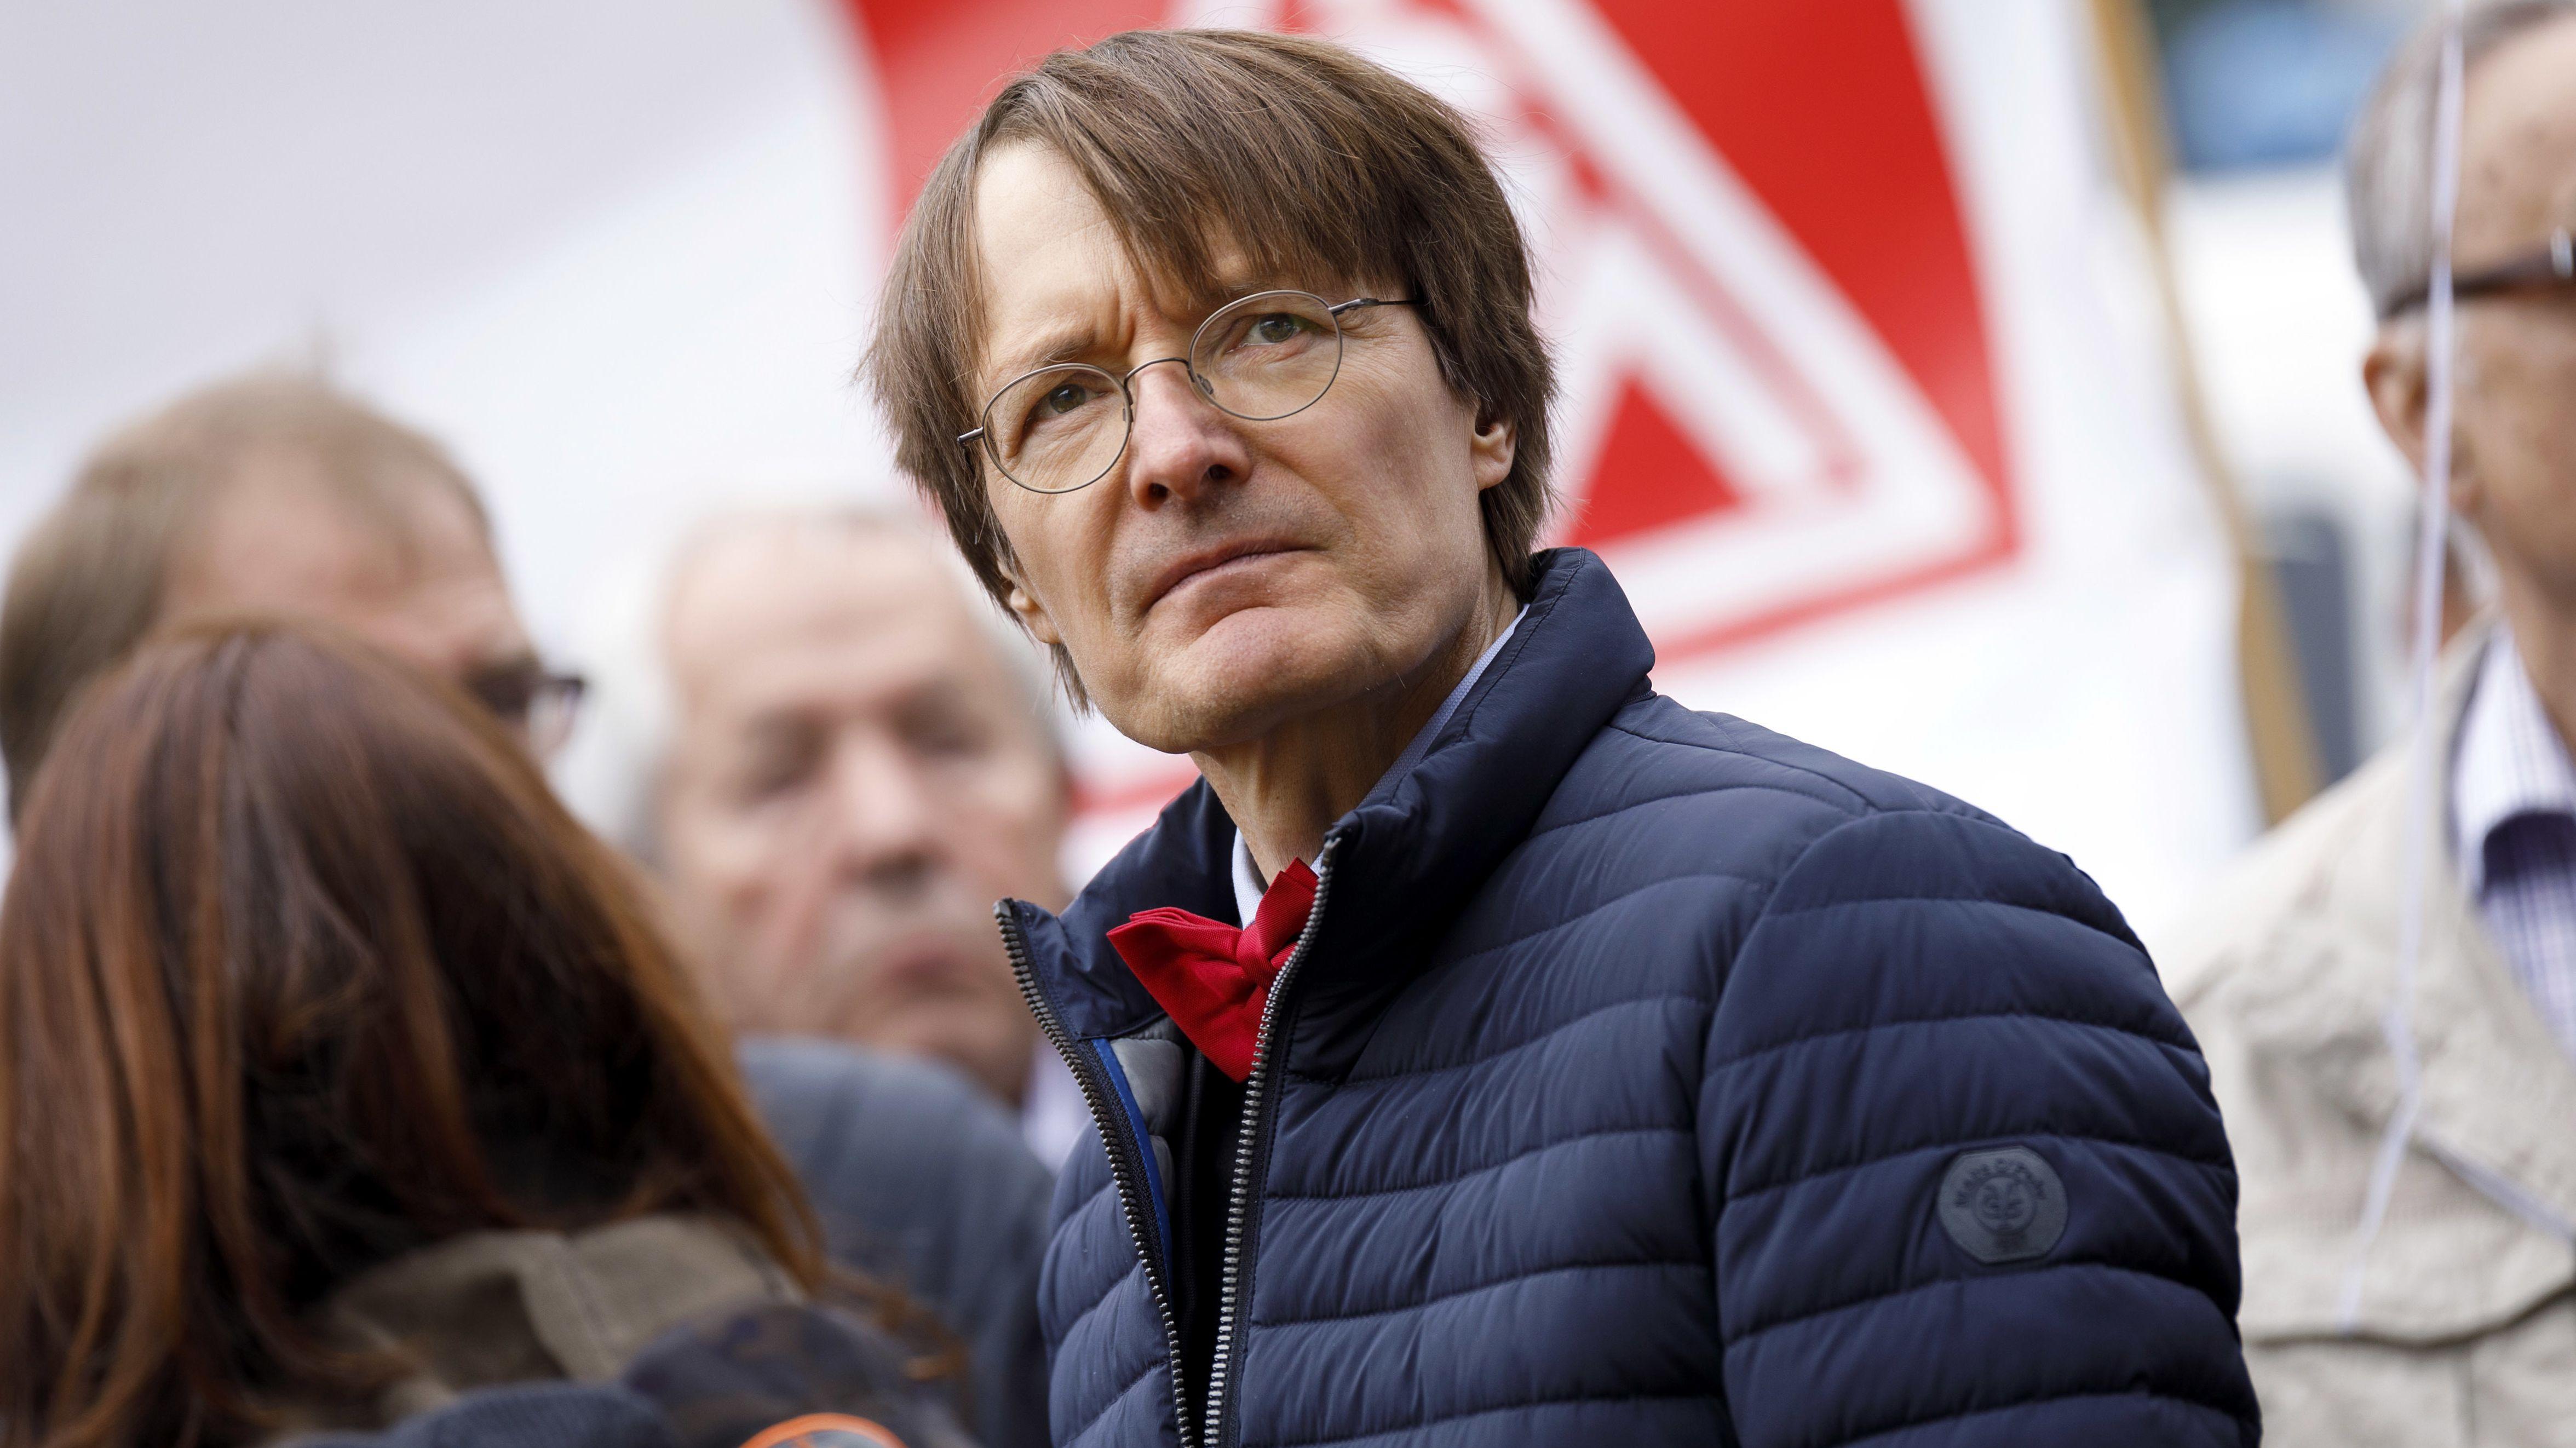 SPD-Fraktionsvize Karl Lauterbach ist neben Nina Scheer der Bewerber für die Doppelspitze